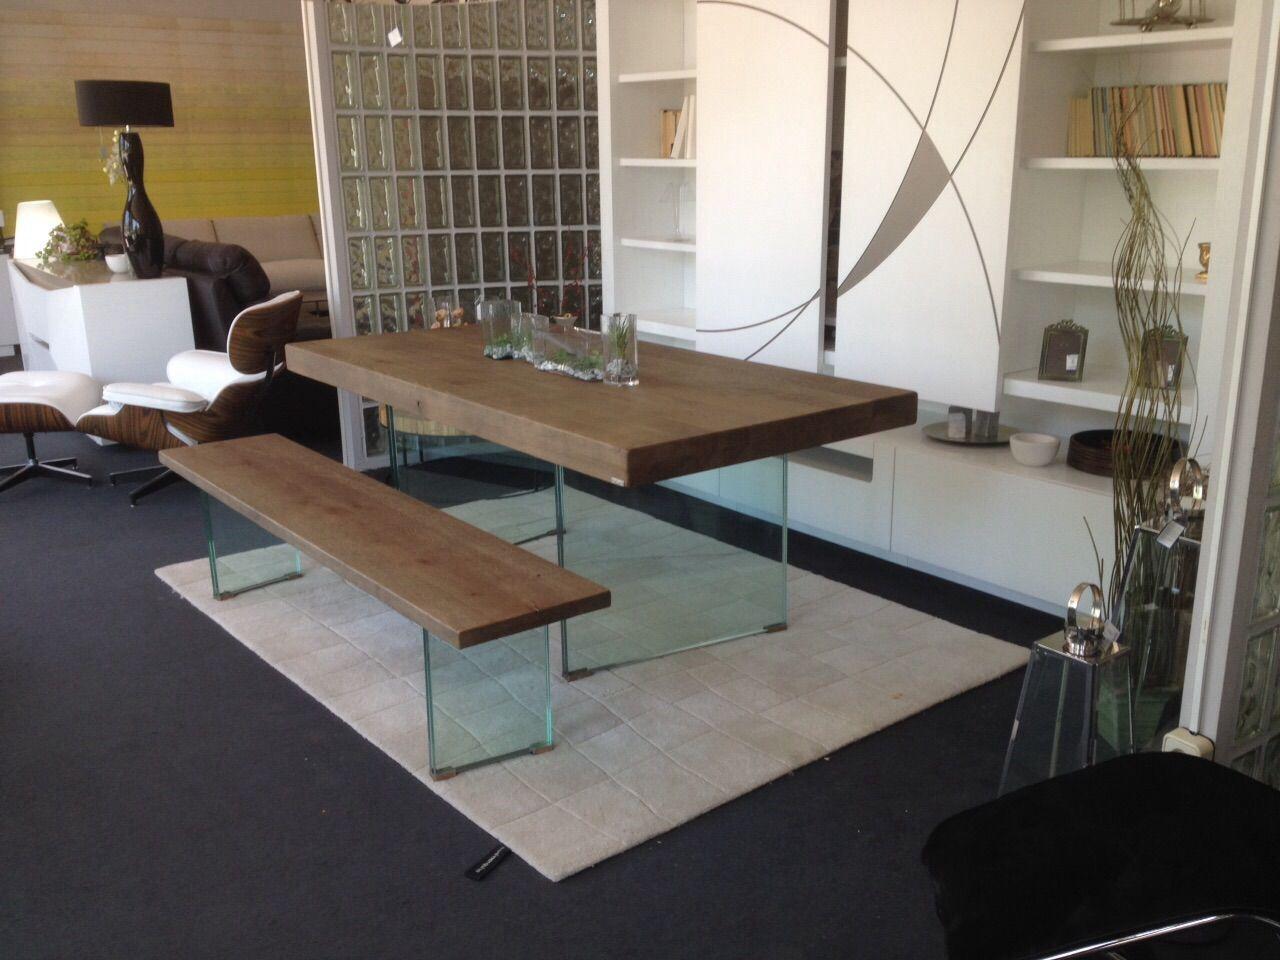 Mesa comedor con bancos en madera y patas de cristal | Furniture ...